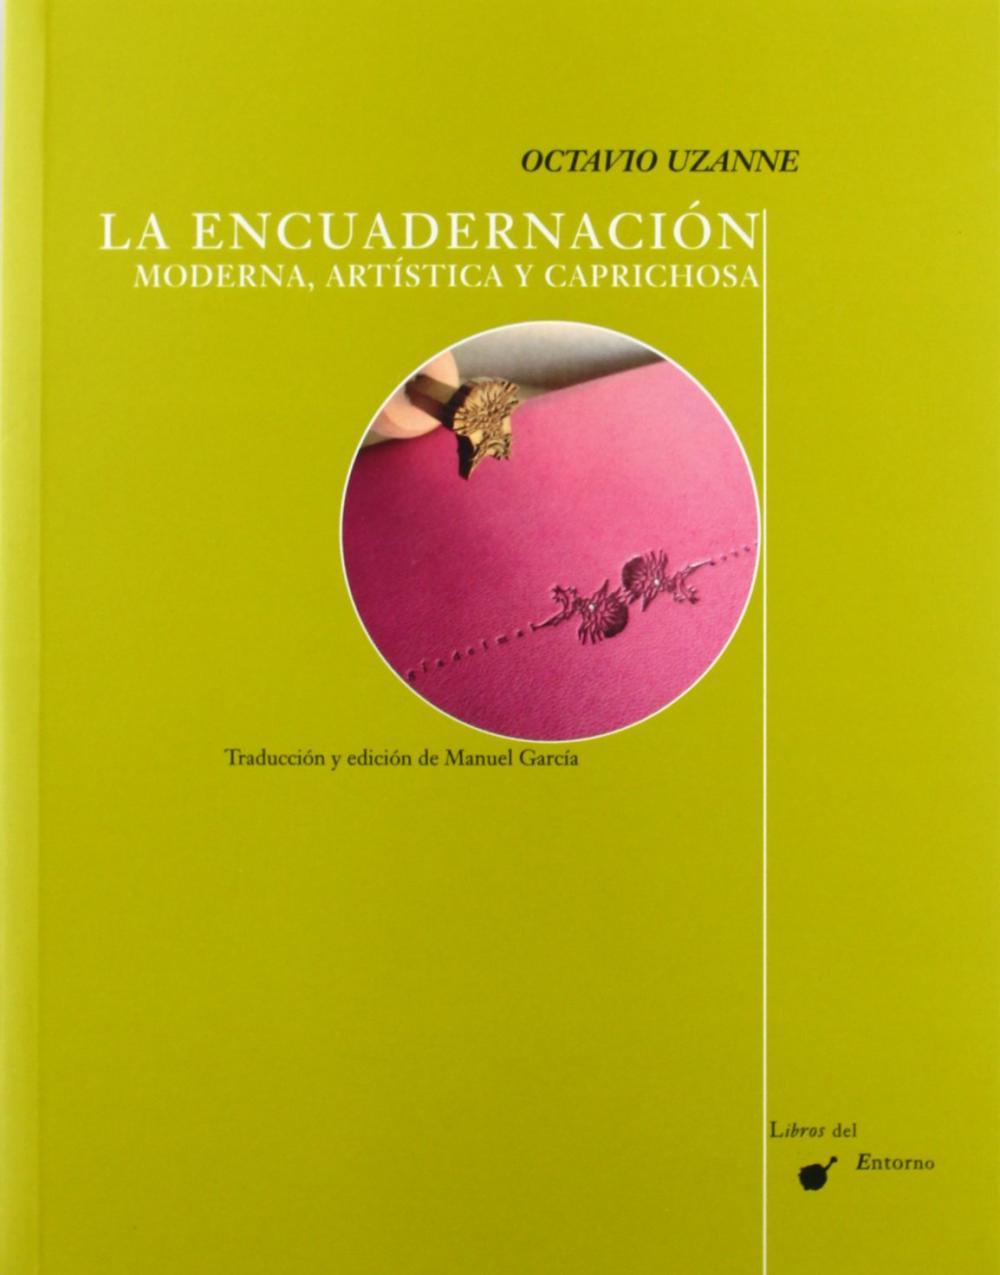 ENCUADERNACION MODERNA ARTISTICA Y CAPRICHOSA